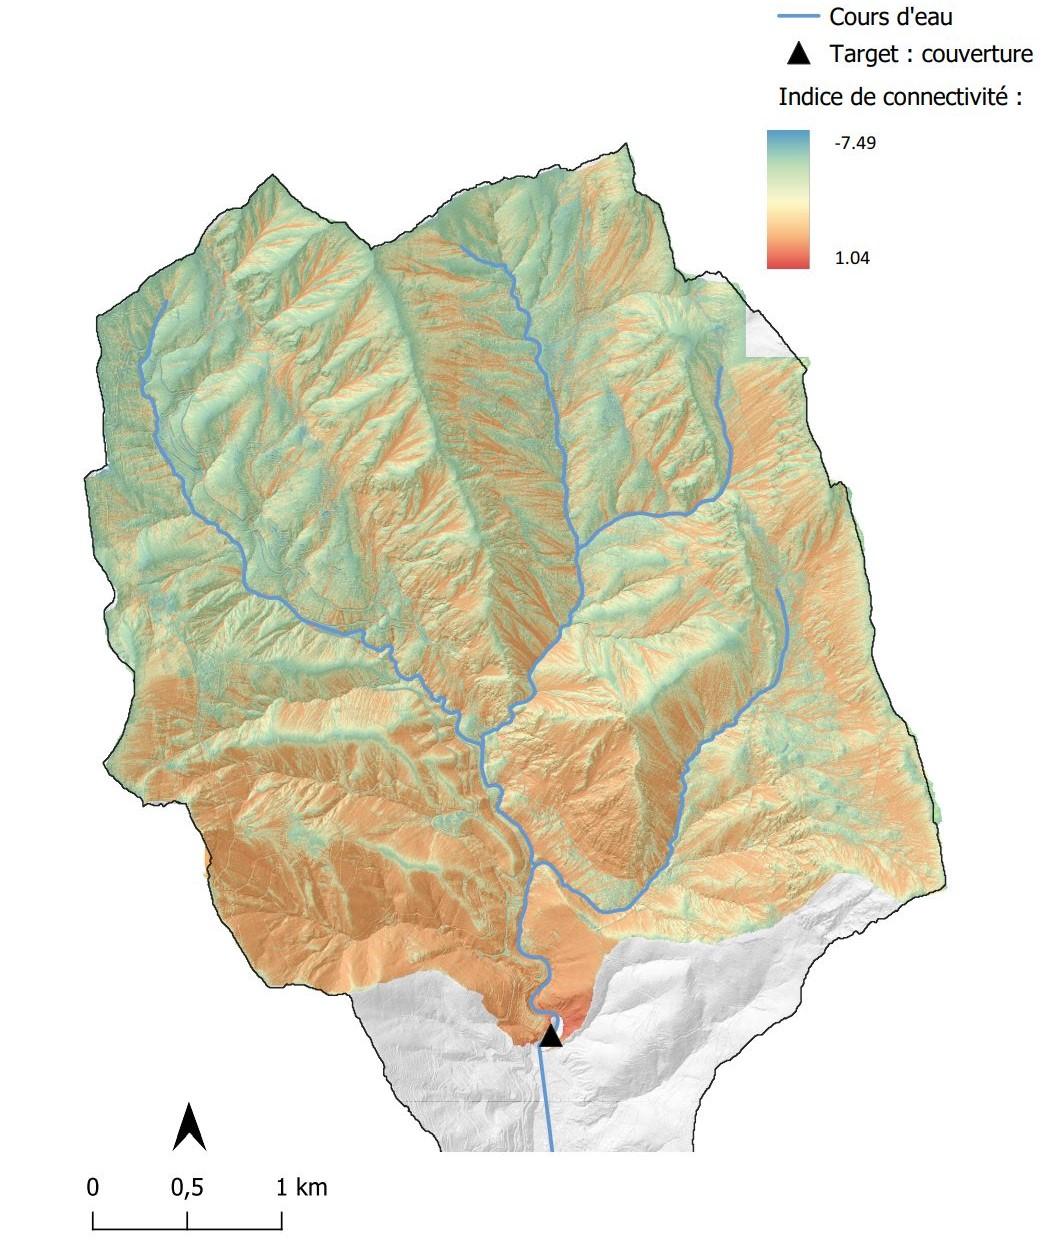 Calcul et représentation de l'indice de connectivité sur le bassin versant du Carei (06)